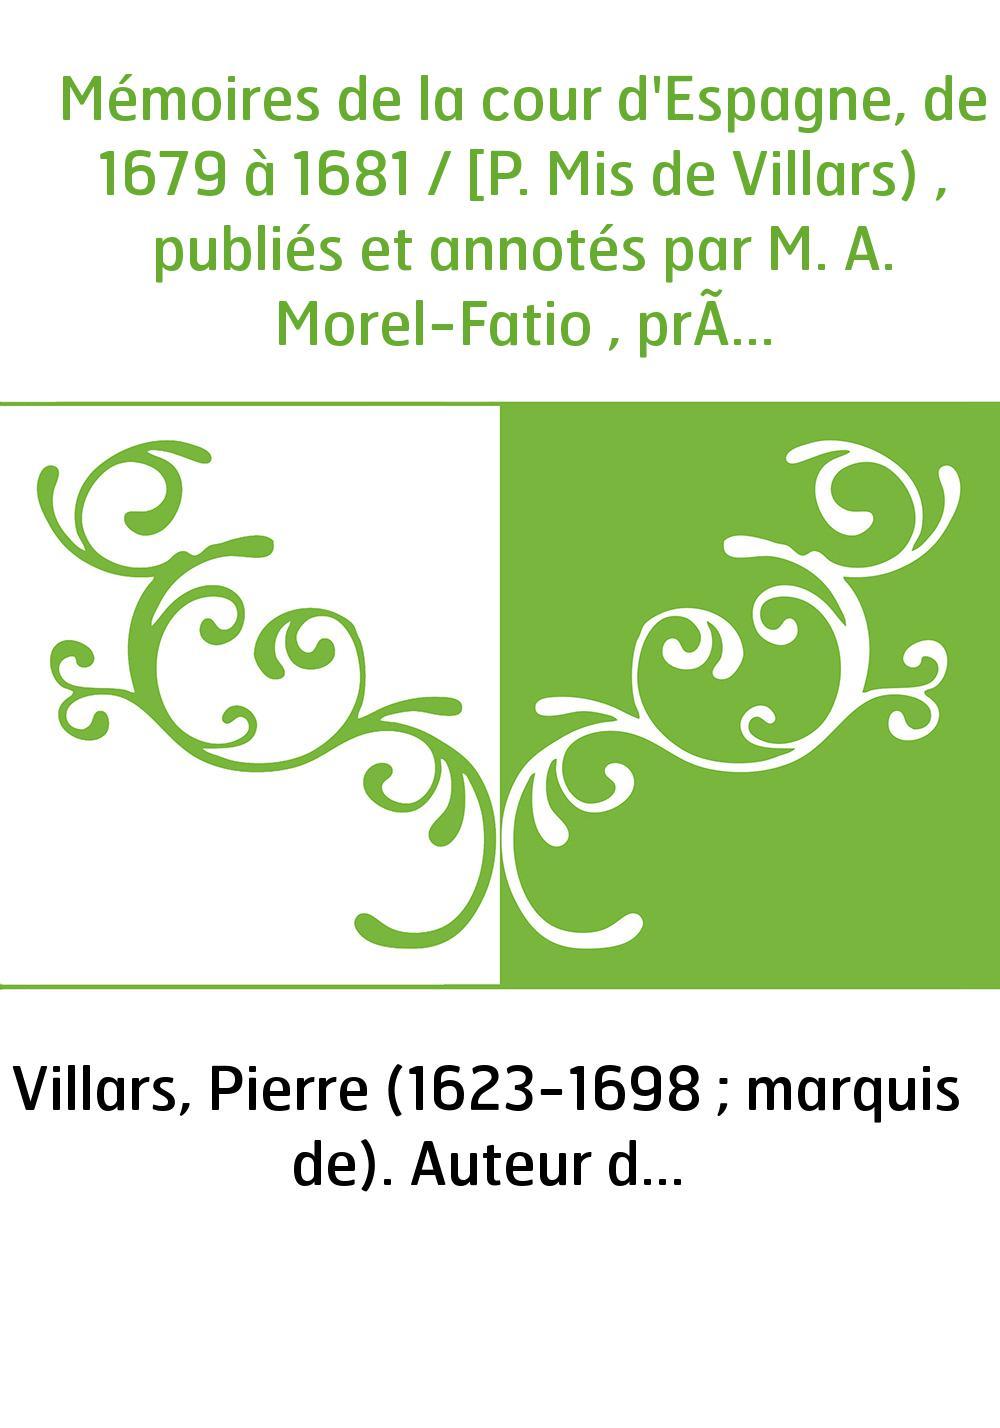 Mémoires de la cour d'Espagne, de 1679 à 1681 / [P. Mis de Villars) , publiés et annotés par M. A. Morel-Fatio , précédé d'une i